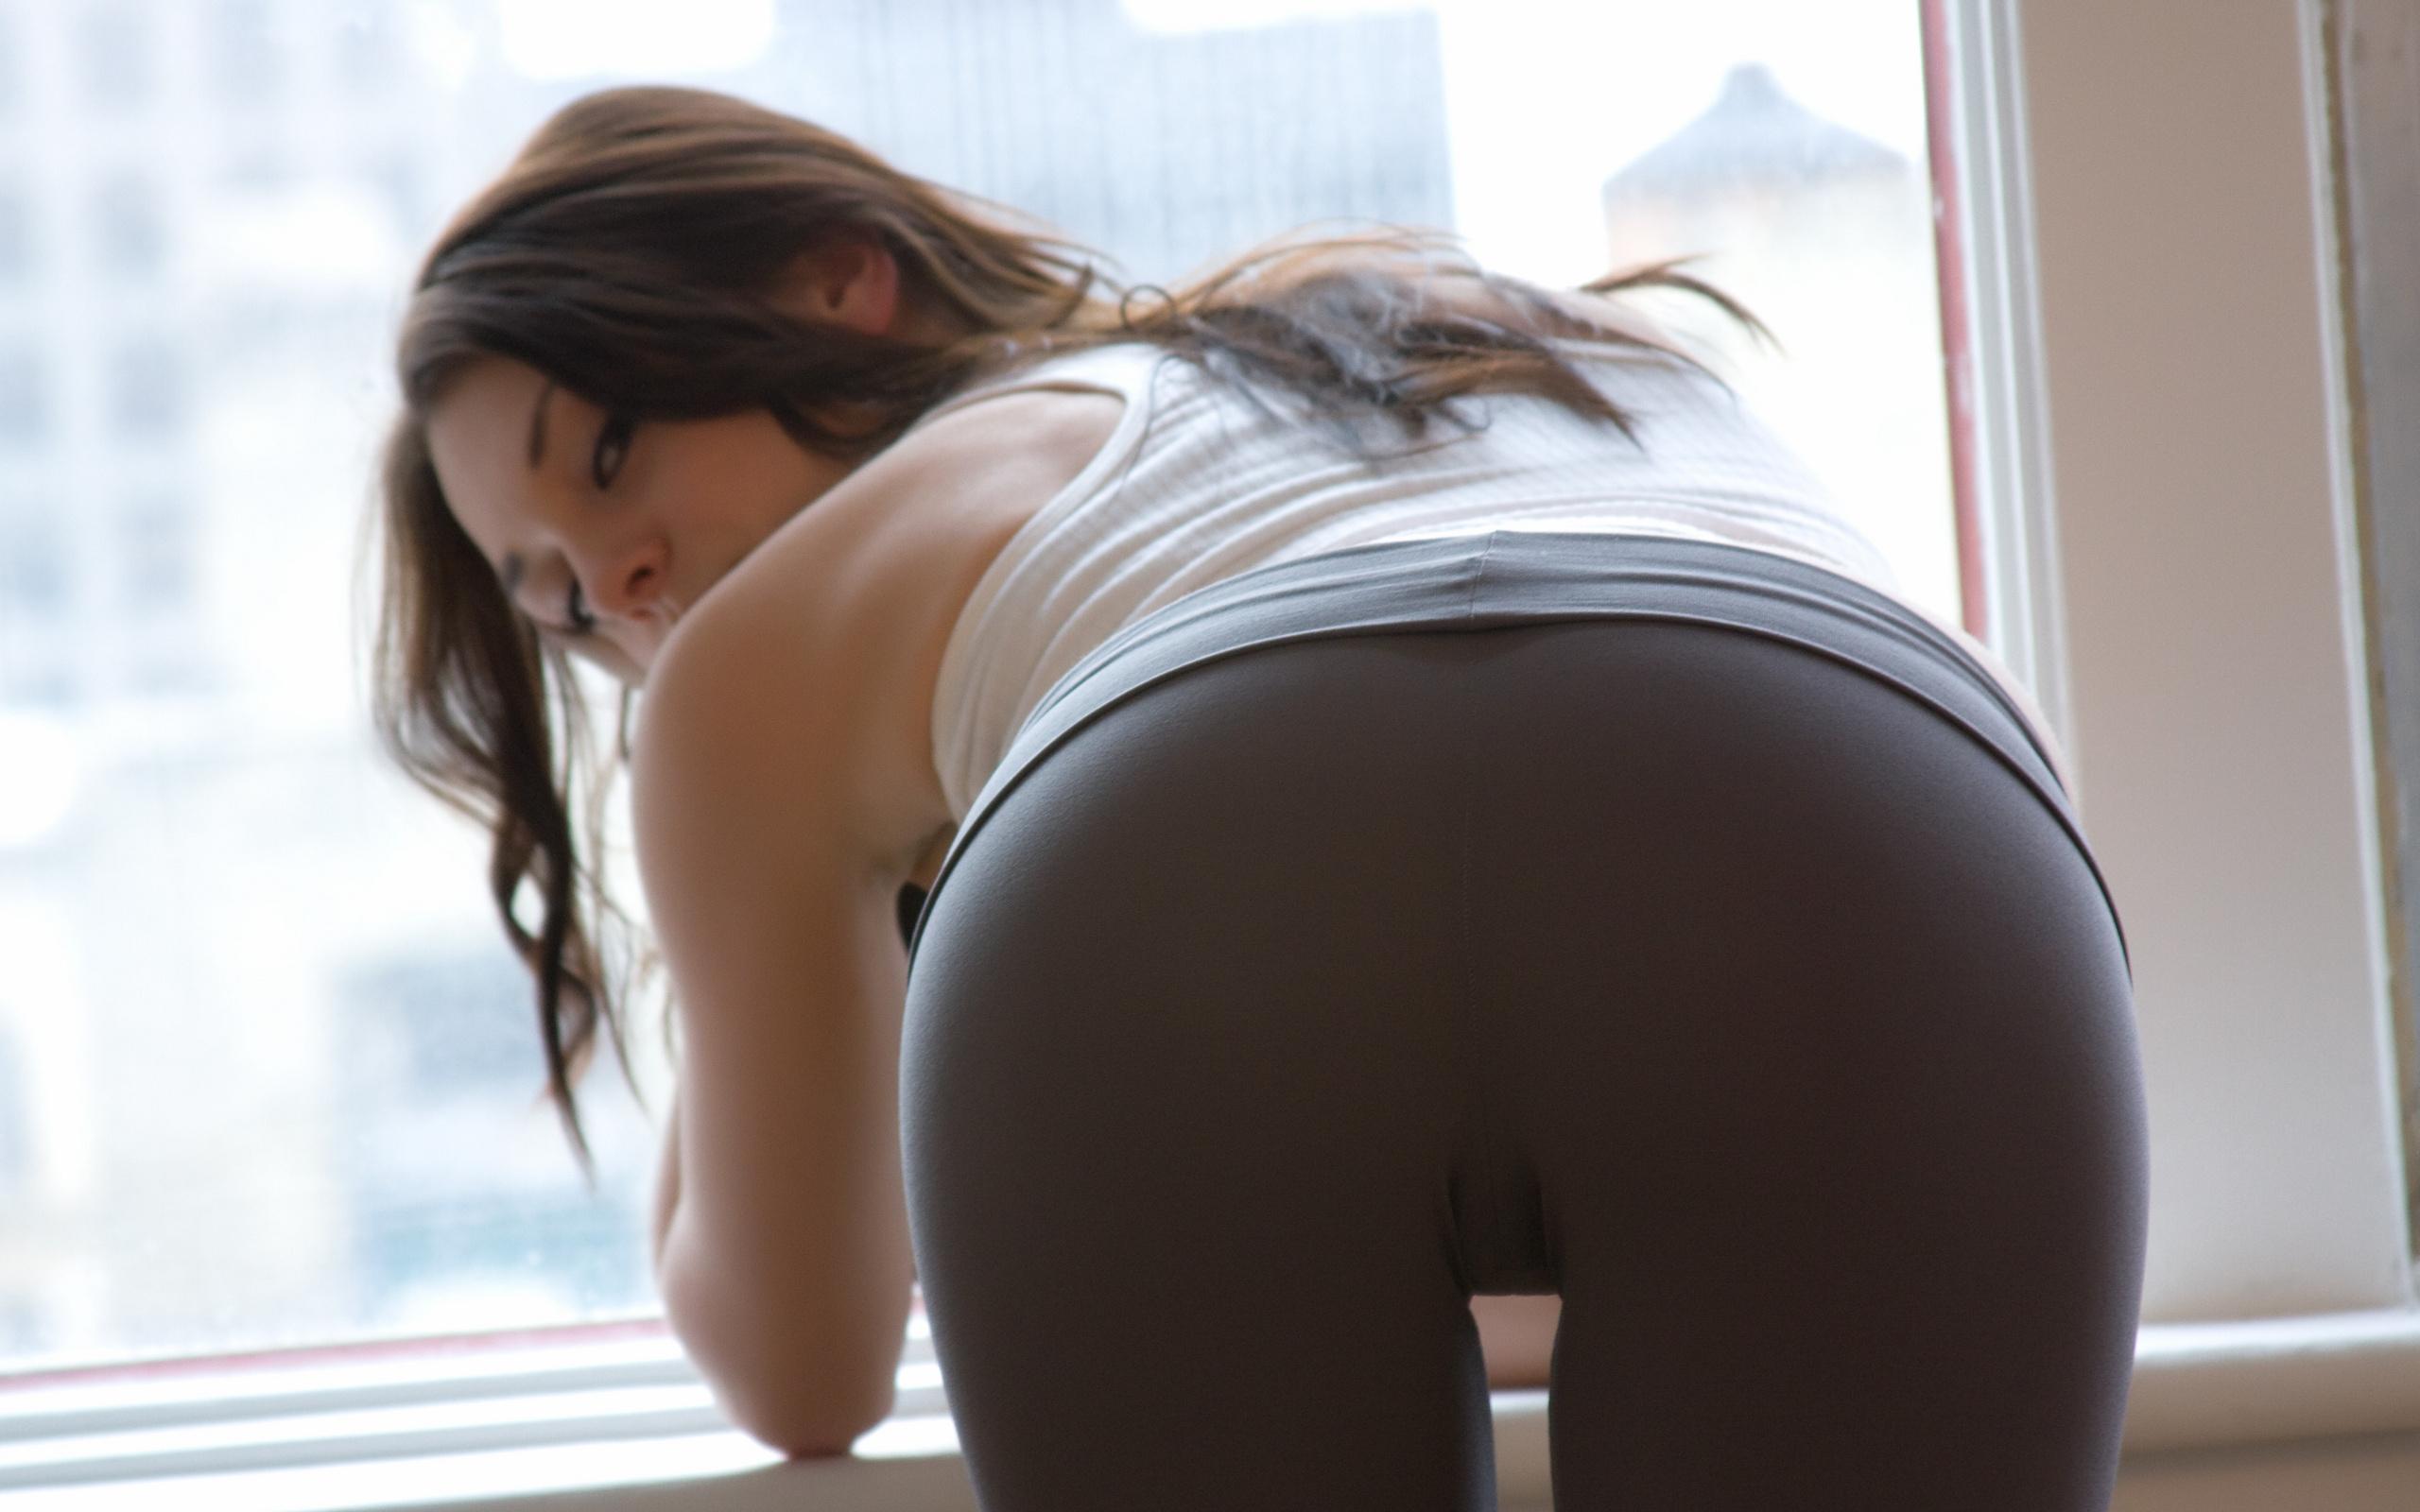 Сексуальные мастурбируйщиие возбуждающие руские в одежде девушки онлаин 19 фотография